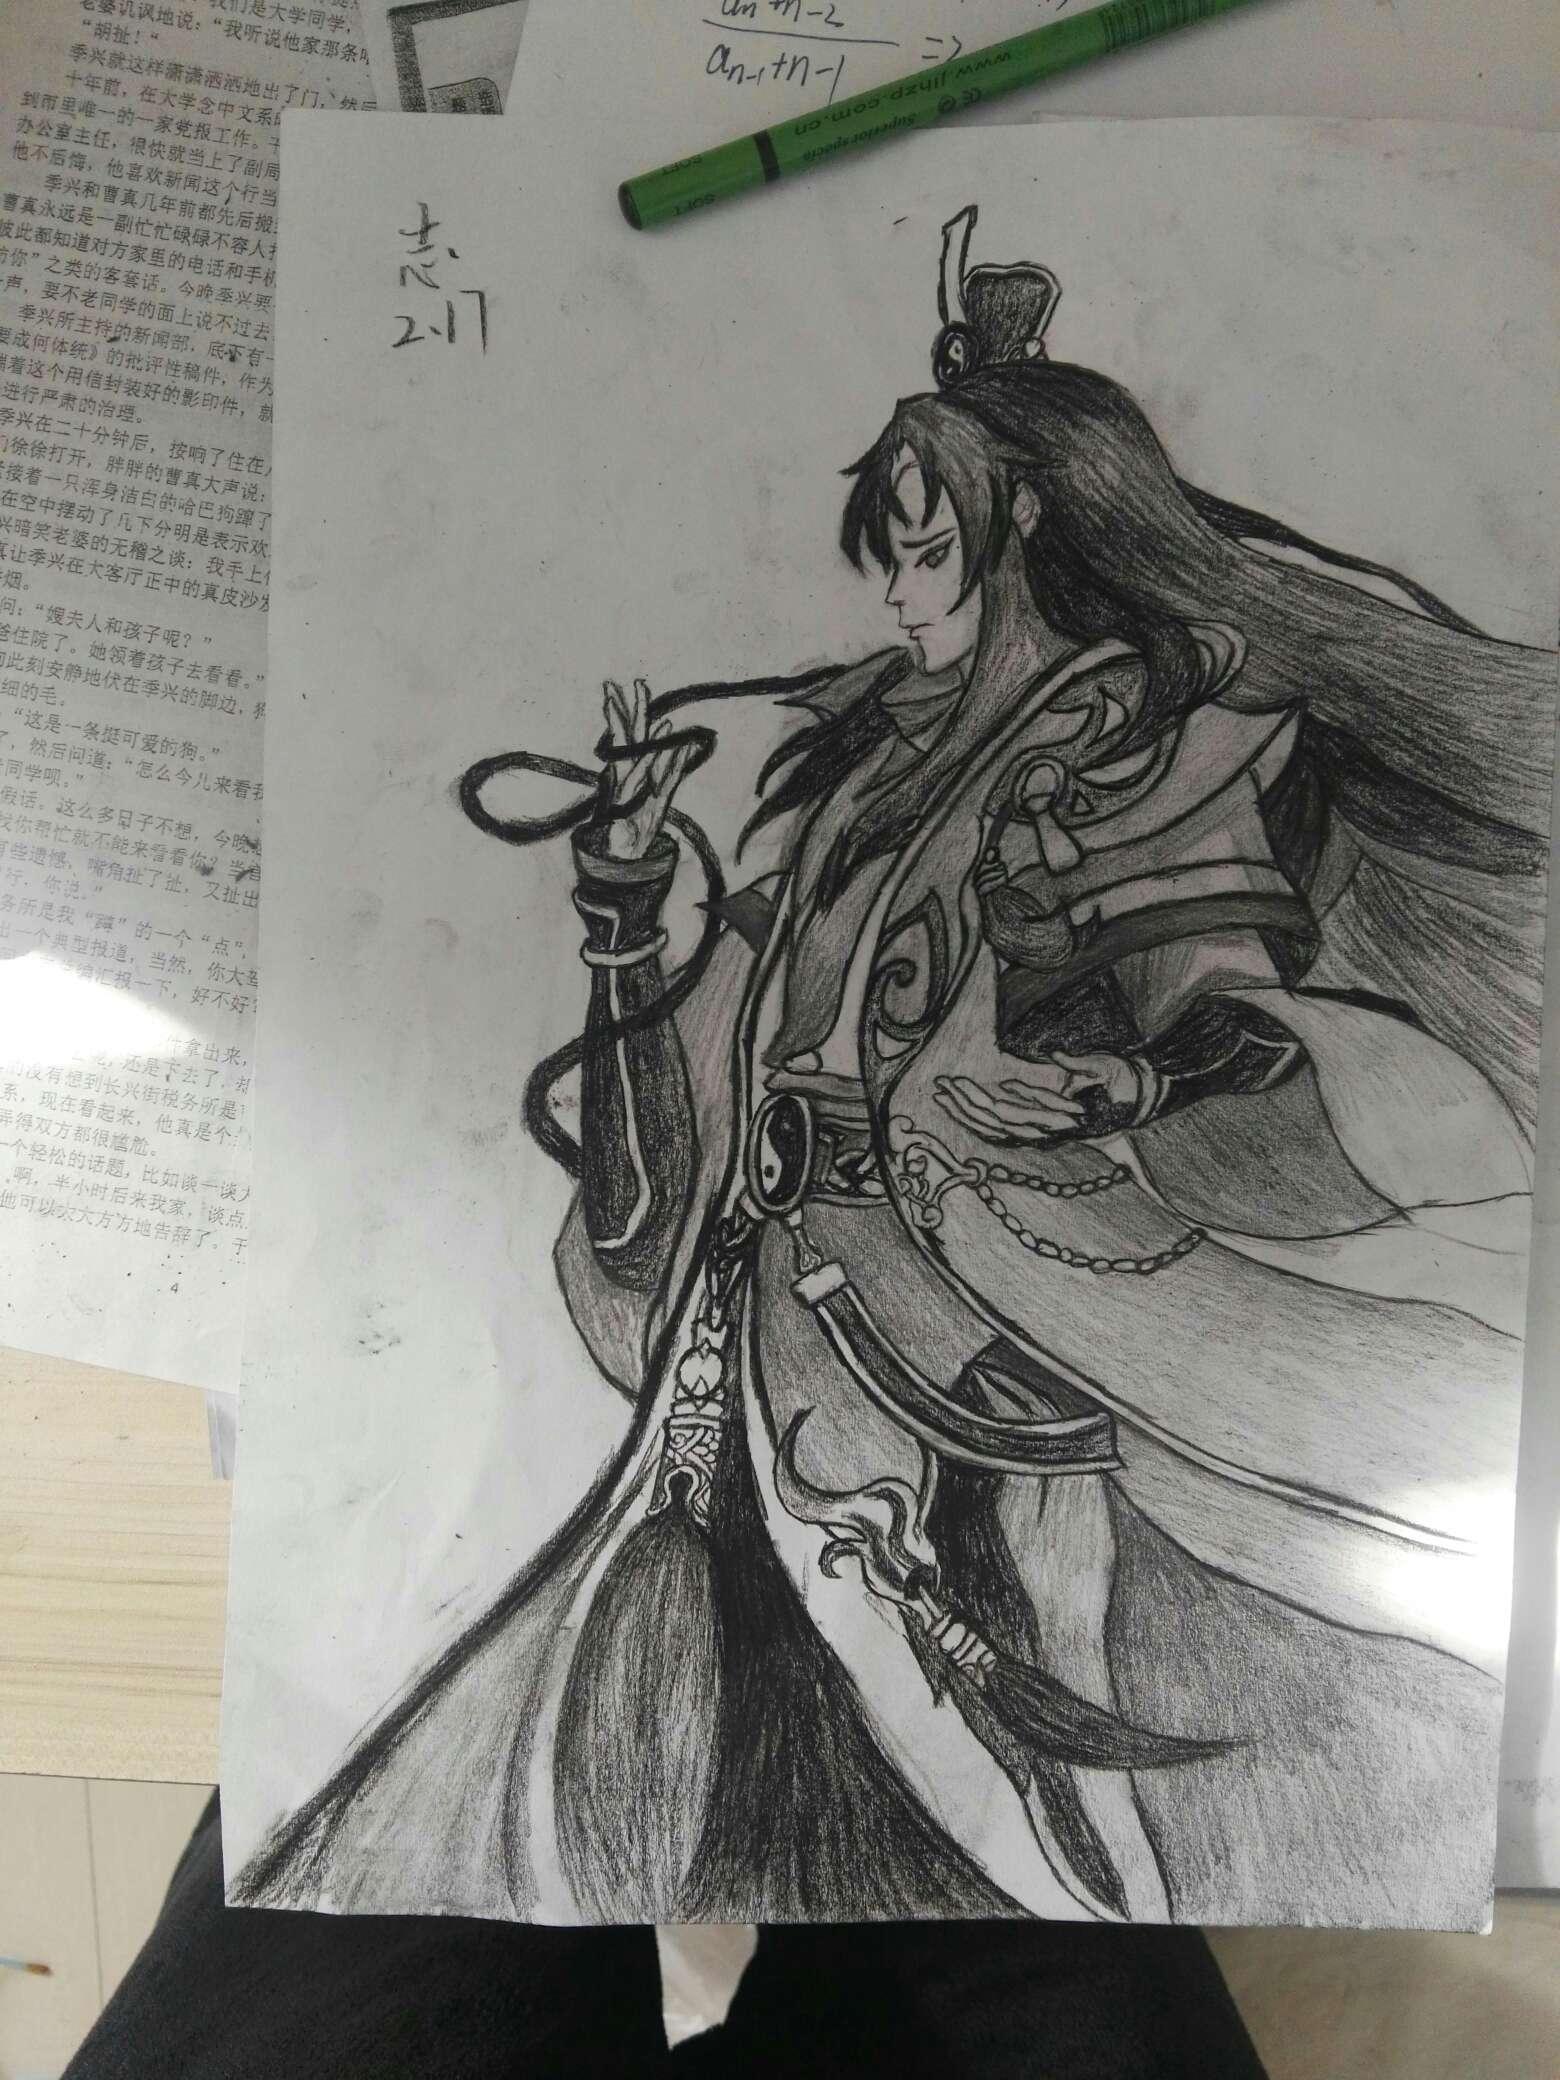 【手绘】手绘道门兵人,王者荣耀女英雄做羞羞的视频